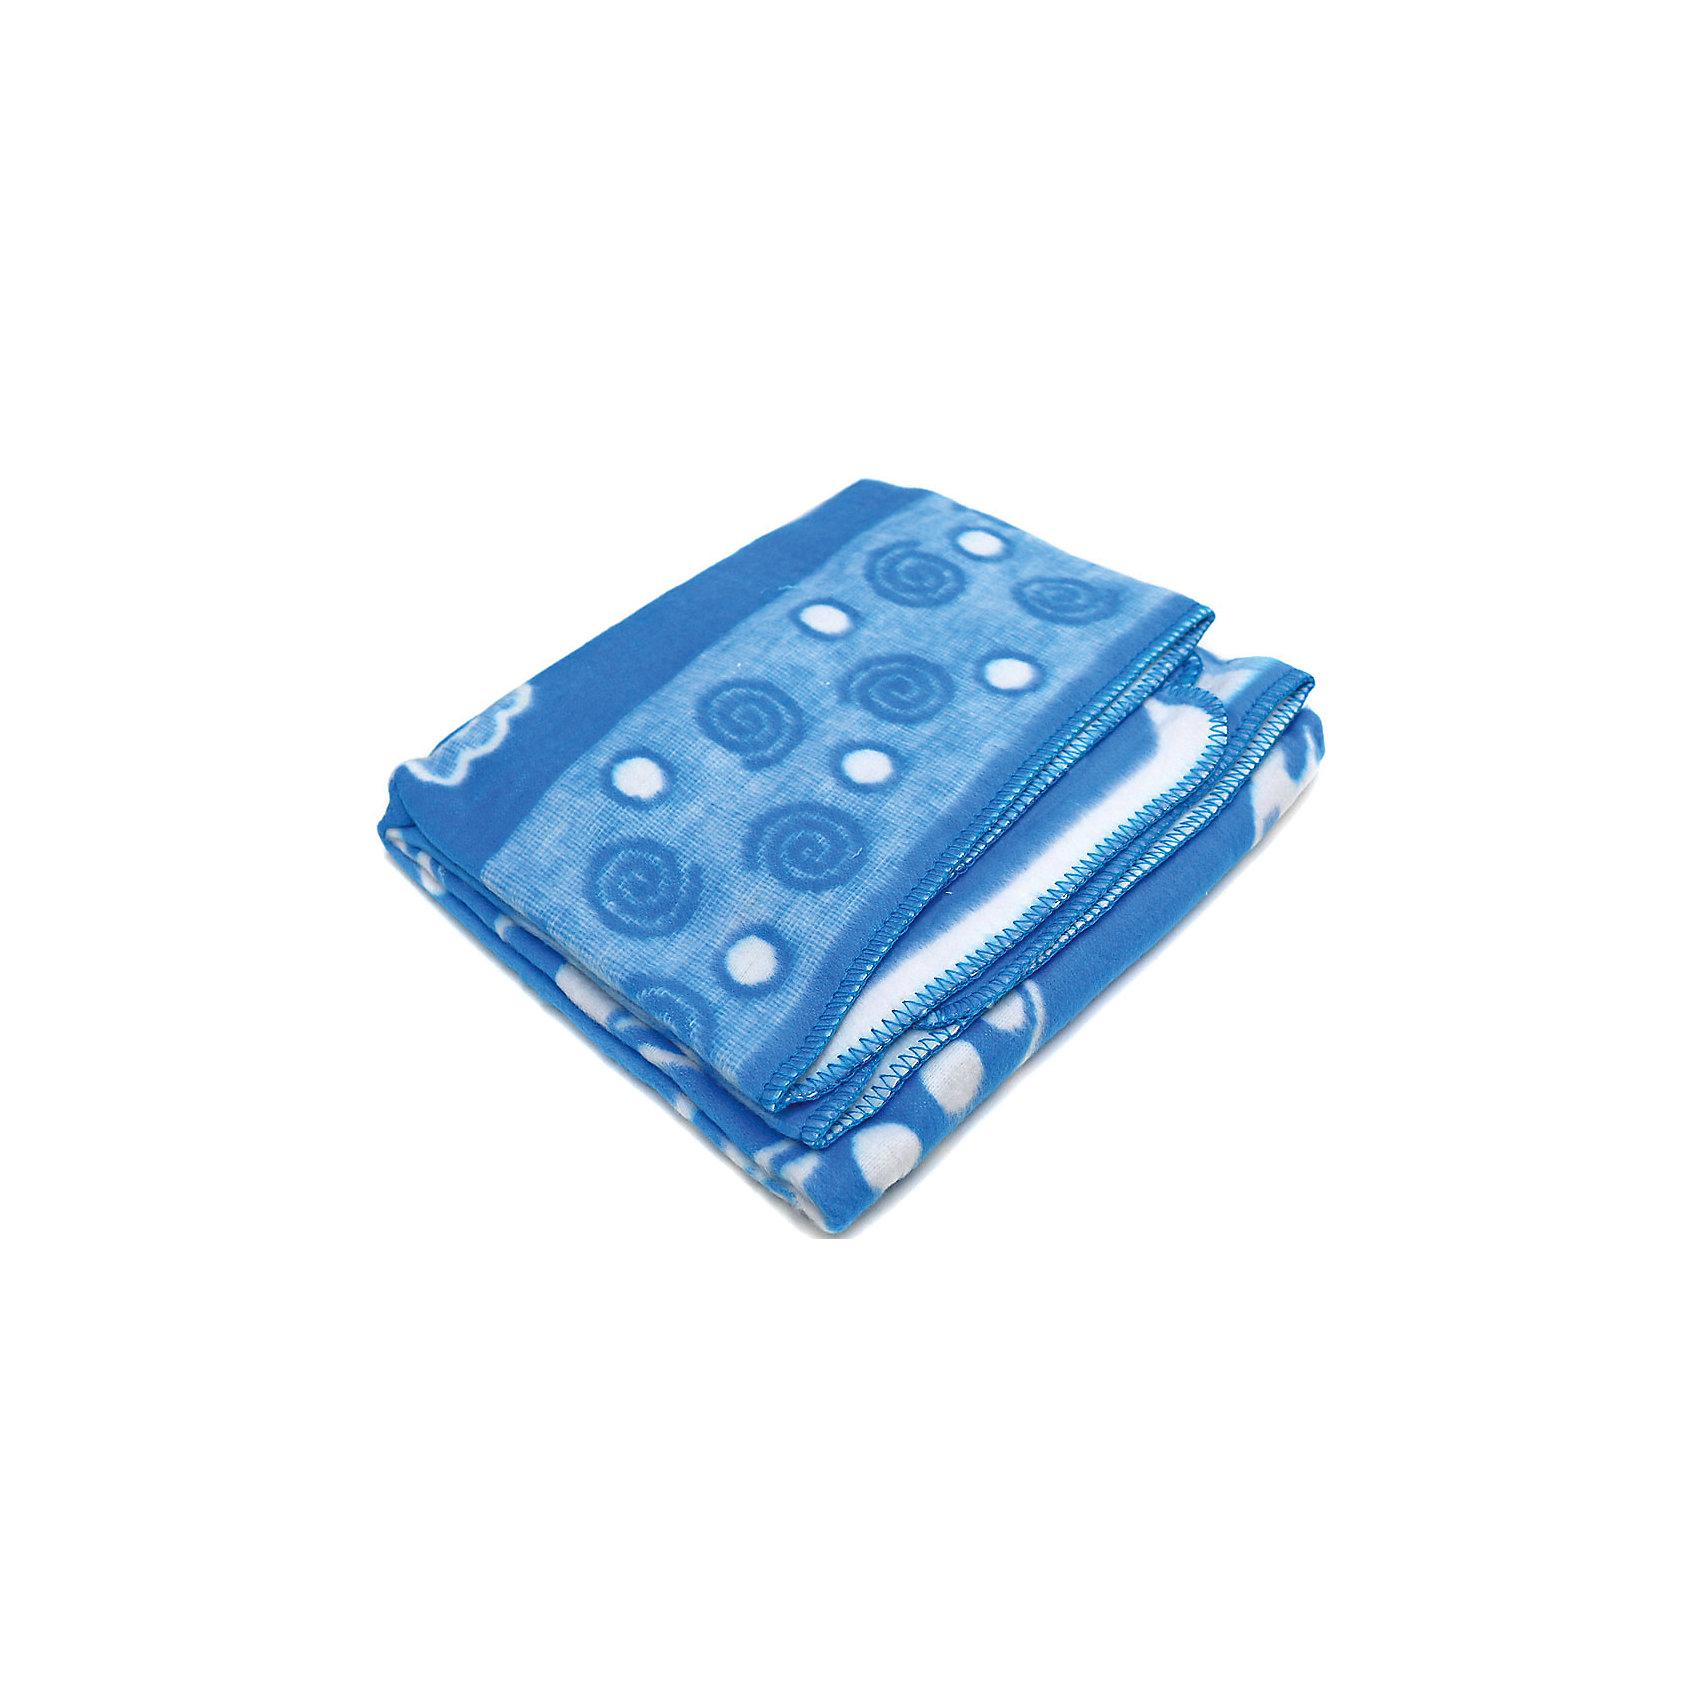 Байковое одеяло 100х118 см., Топотушки, голубойБайковое одеяло 100х118 см., Топотушки, голубой<br><br>Характеристики:<br><br>-Размер: 100х118 см<br>-Цвет: голубой<br>-Материал: отбеленная и крашеная пряжа, 100% хлопок<br><br>Байковое одеяло 100х118 см., Топотушки, голубой согреет вашего ребёнка в холодное время года. Одеяло выполнено из 100% хлопка и не вызовет аллергическую реакцию. В одеяло можно запеленать ребёнку, благодаря его размеру. Оно мягкое и приятное на ощупь, поэтому сделает сон вашего ребёнка еще комфортнее. <br><br>Байковое одеяло 100х118 см., Топотушки, голубой можно приобрести в нашем интернет-магазине.<br><br>Ширина мм: 350<br>Глубина мм: 310<br>Высота мм: 30<br>Вес г: 580<br>Возраст от месяцев: 0<br>Возраст до месяцев: 36<br>Пол: Мужской<br>Возраст: Детский<br>SKU: 5086332